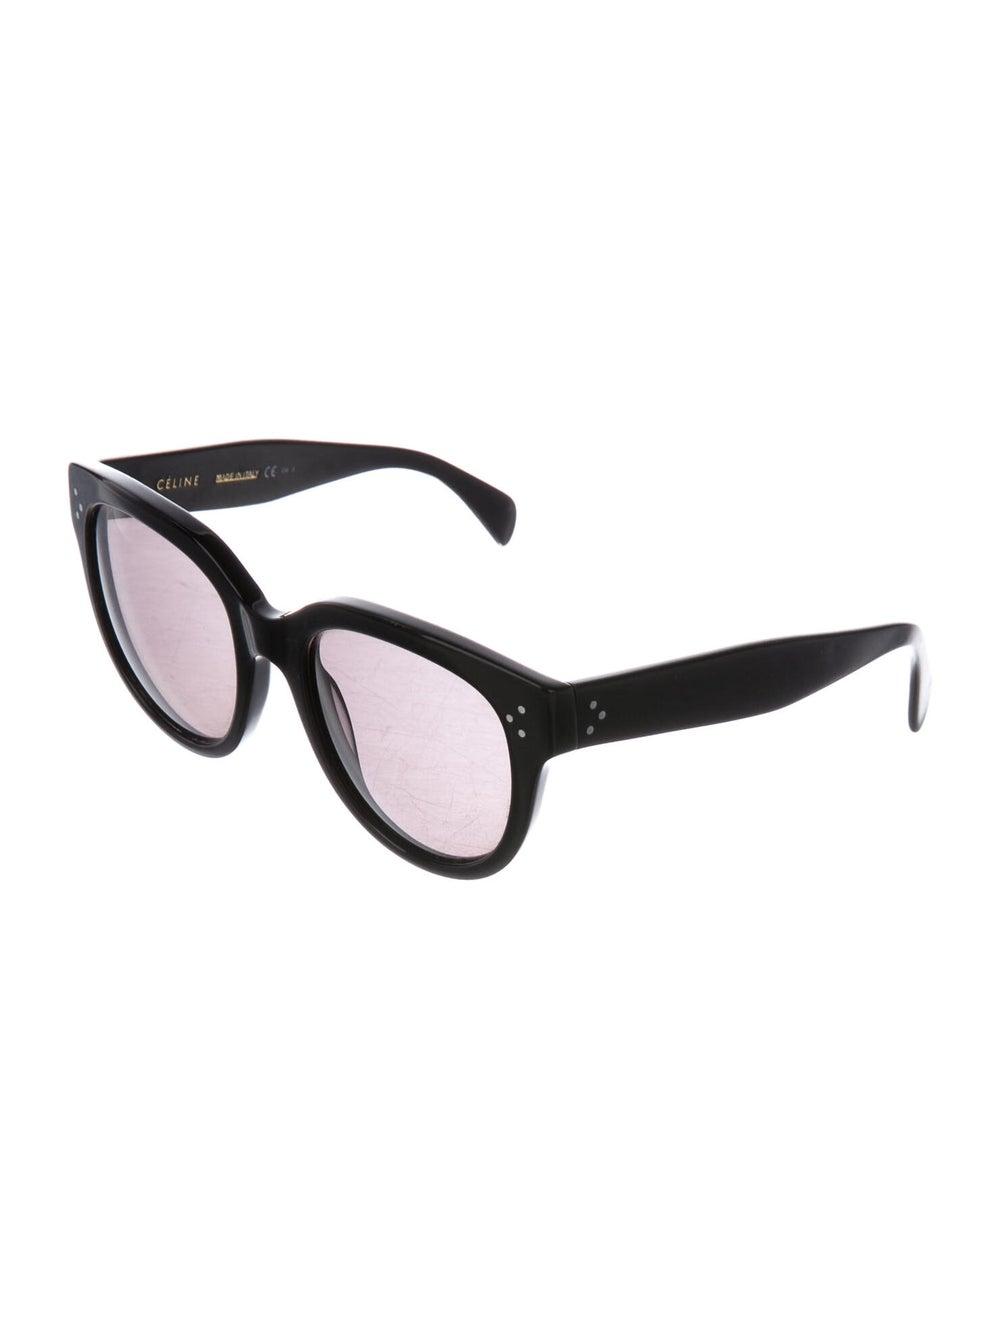 Celine Oversize Polarized Sunglasses Black - image 2